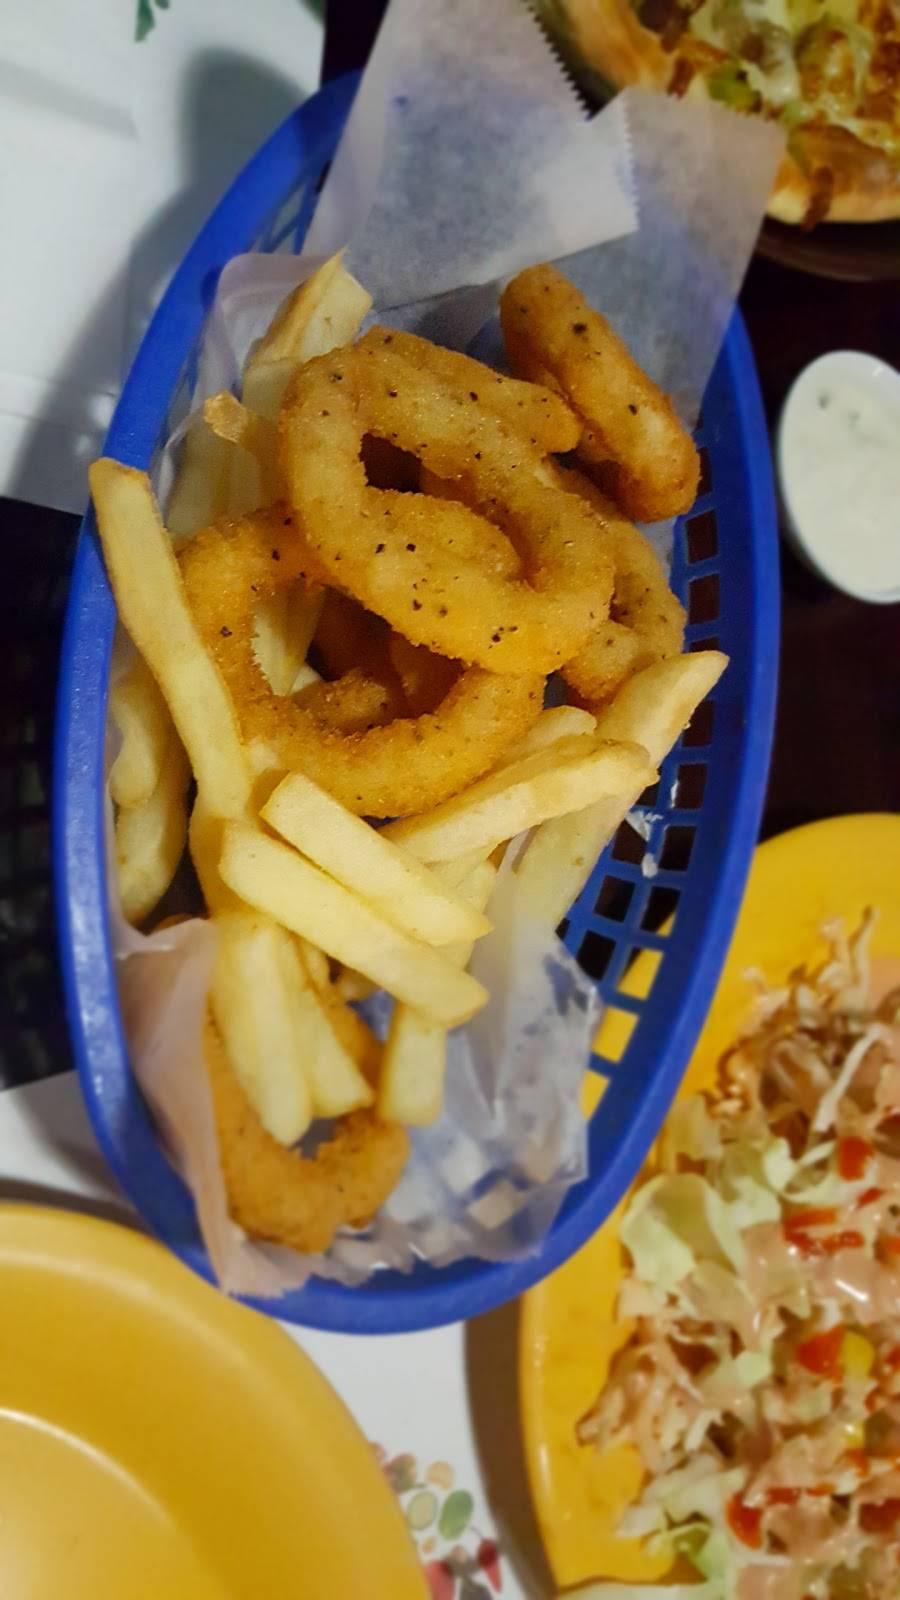 One Star Pizza & Chicken   restaurant   821 N Euclid St, Anaheim, CA 92801, USA   7149560077 OR +1 714-956-0077